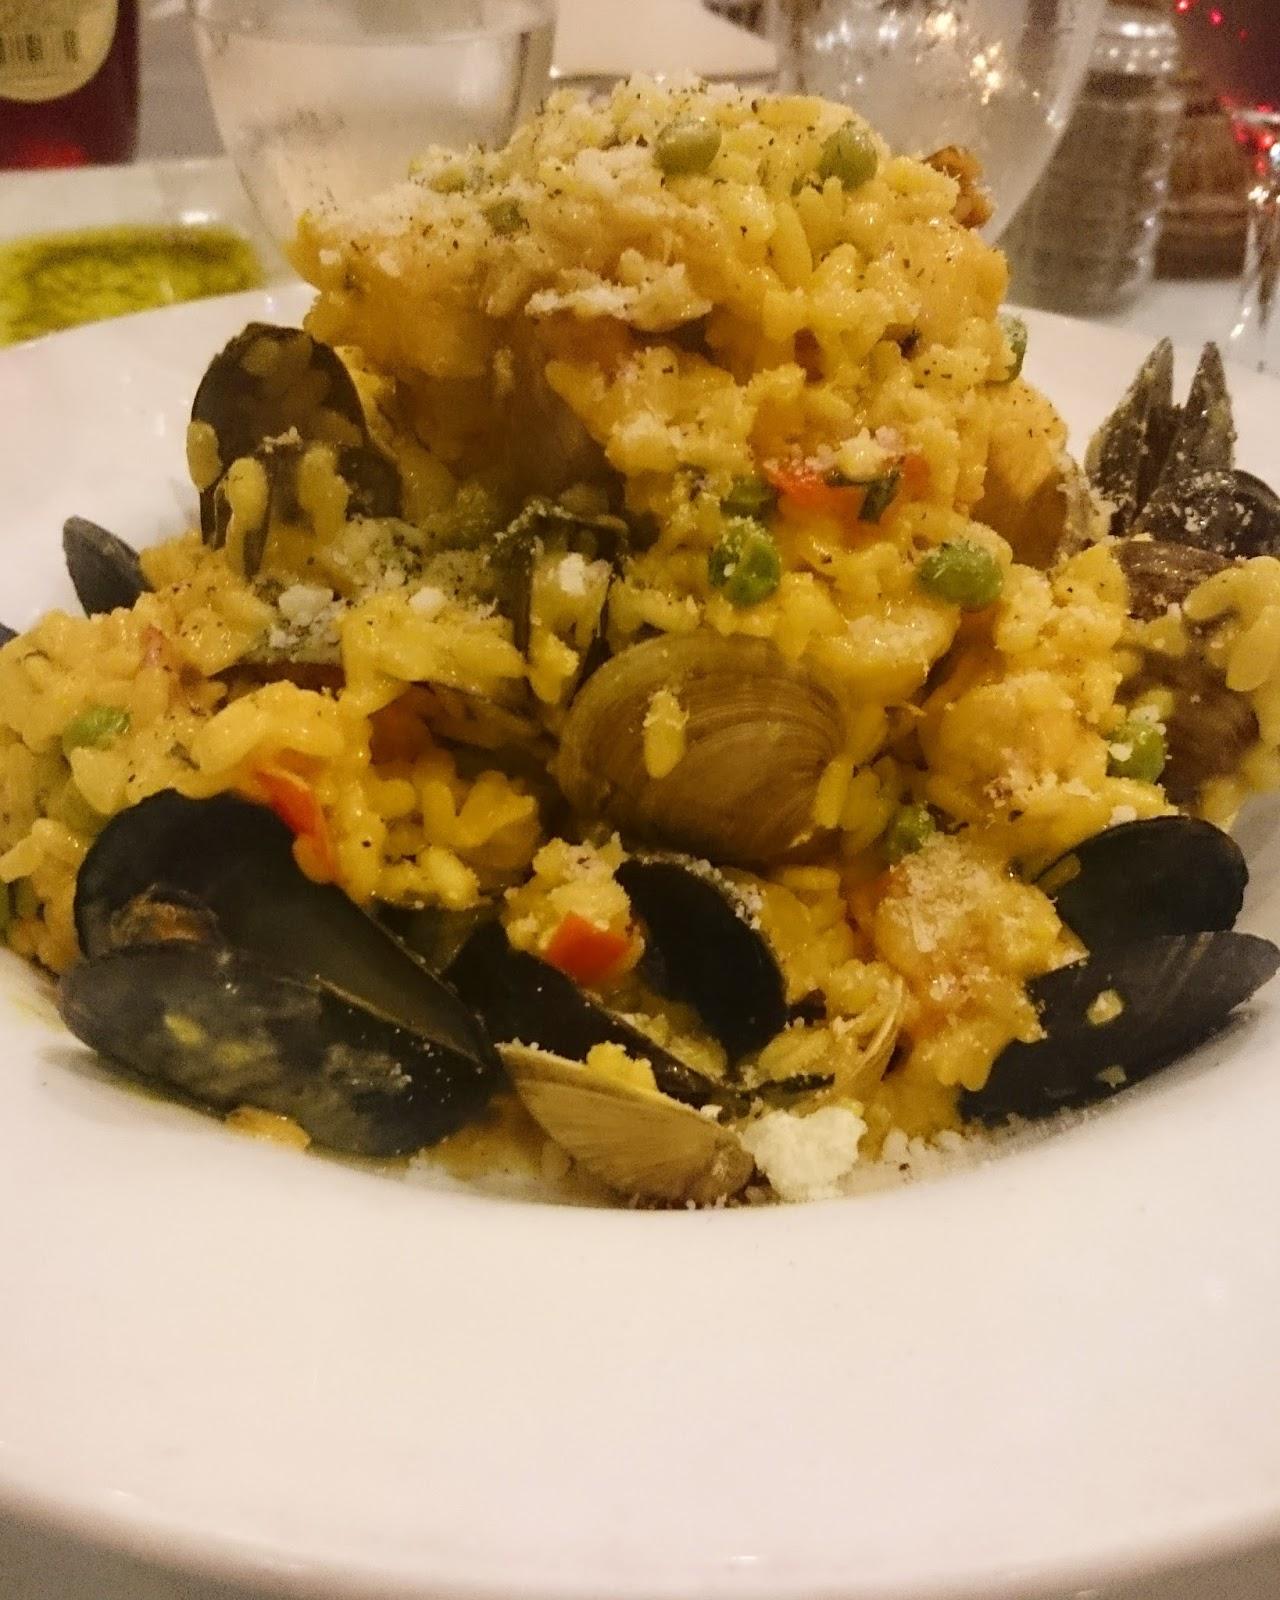 Ceasario's Italian Restaurant Seafood Paella